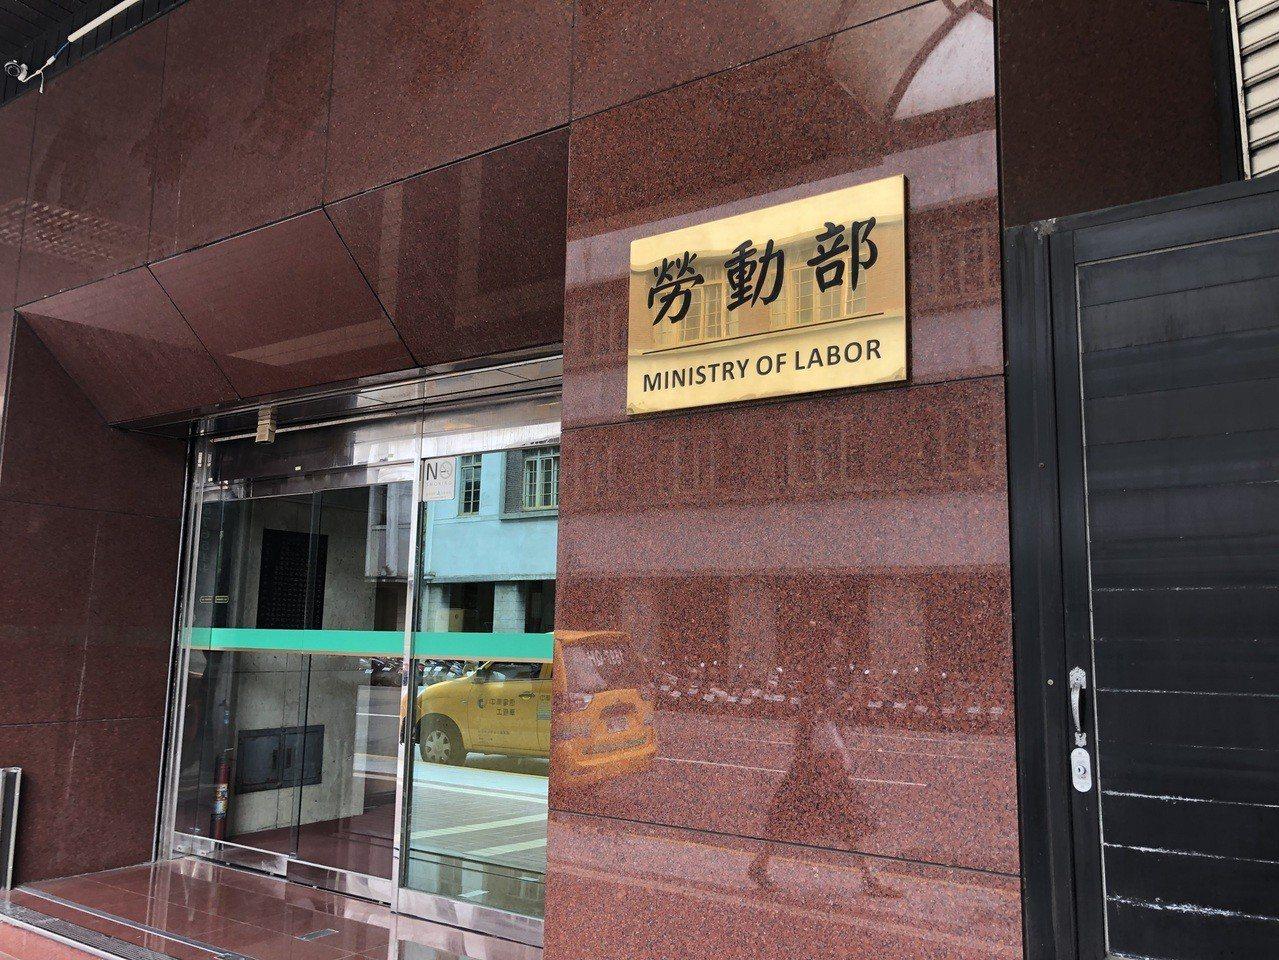 勞動部今日證實基本工資審議委員會確定在8月16日登場。圖/本報資料照